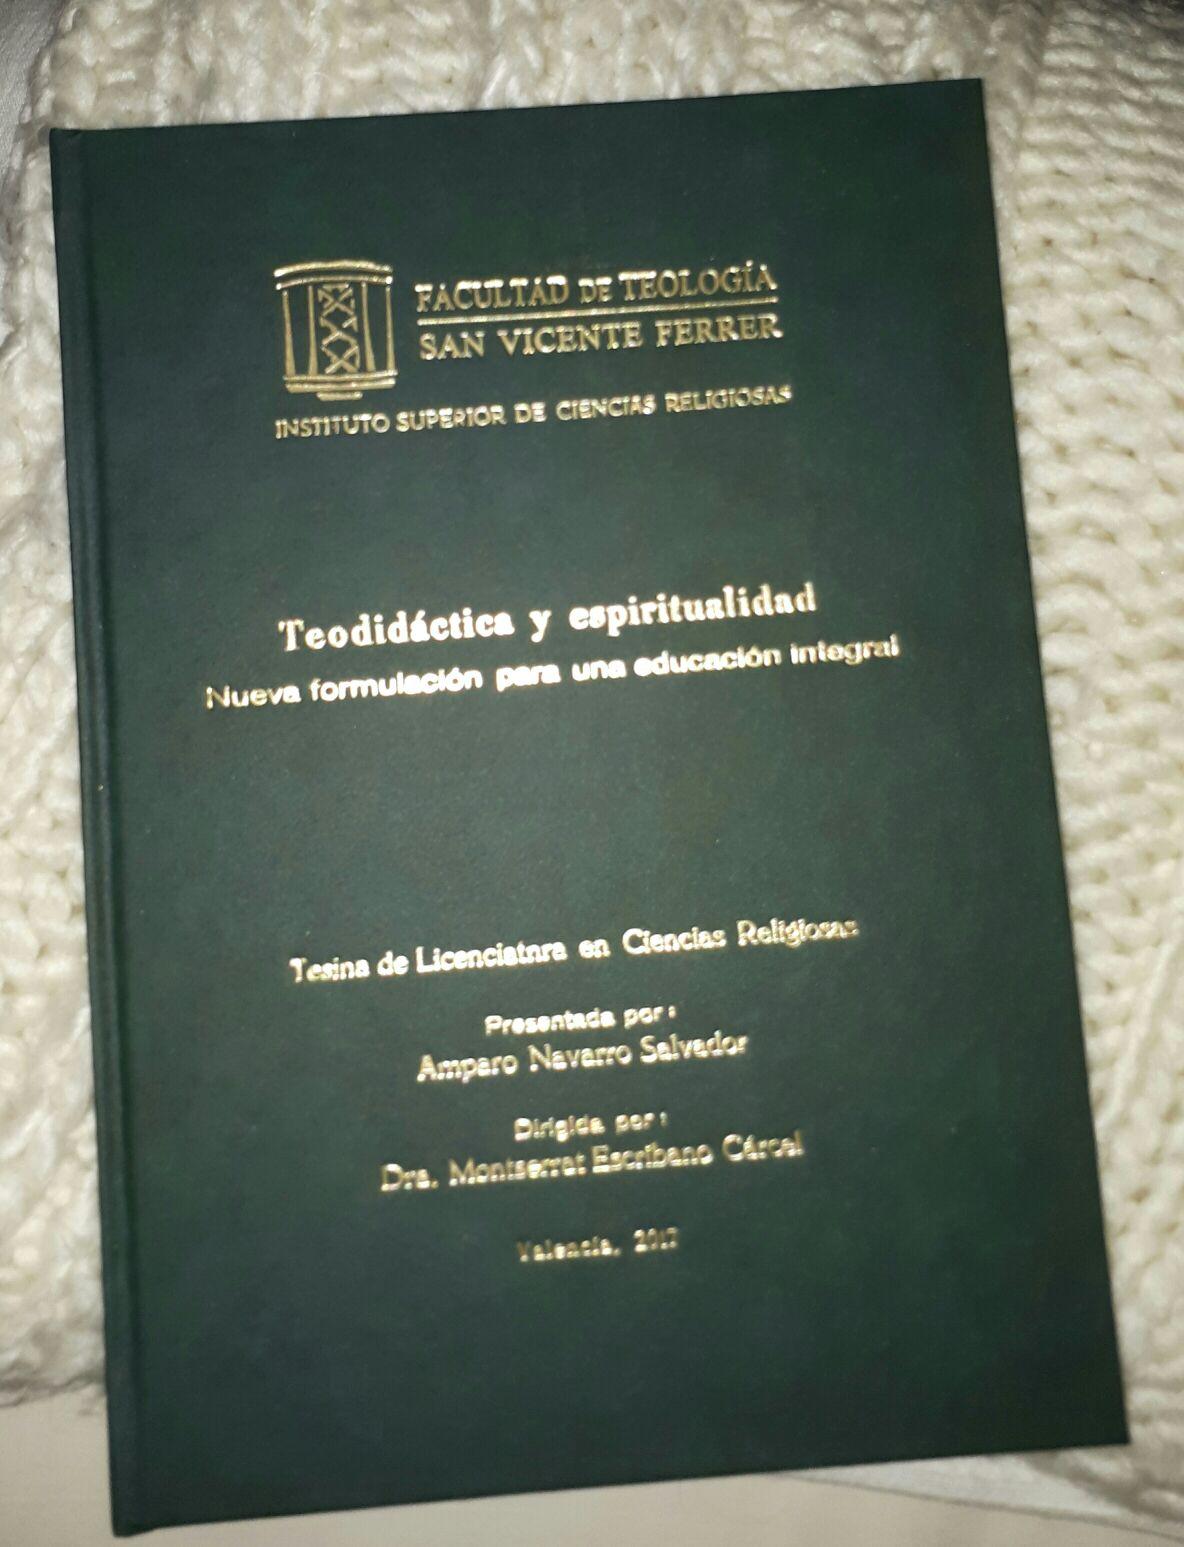 Tesina final de Amparo Navarro en la Licenciatura de Ciencias Religiosas